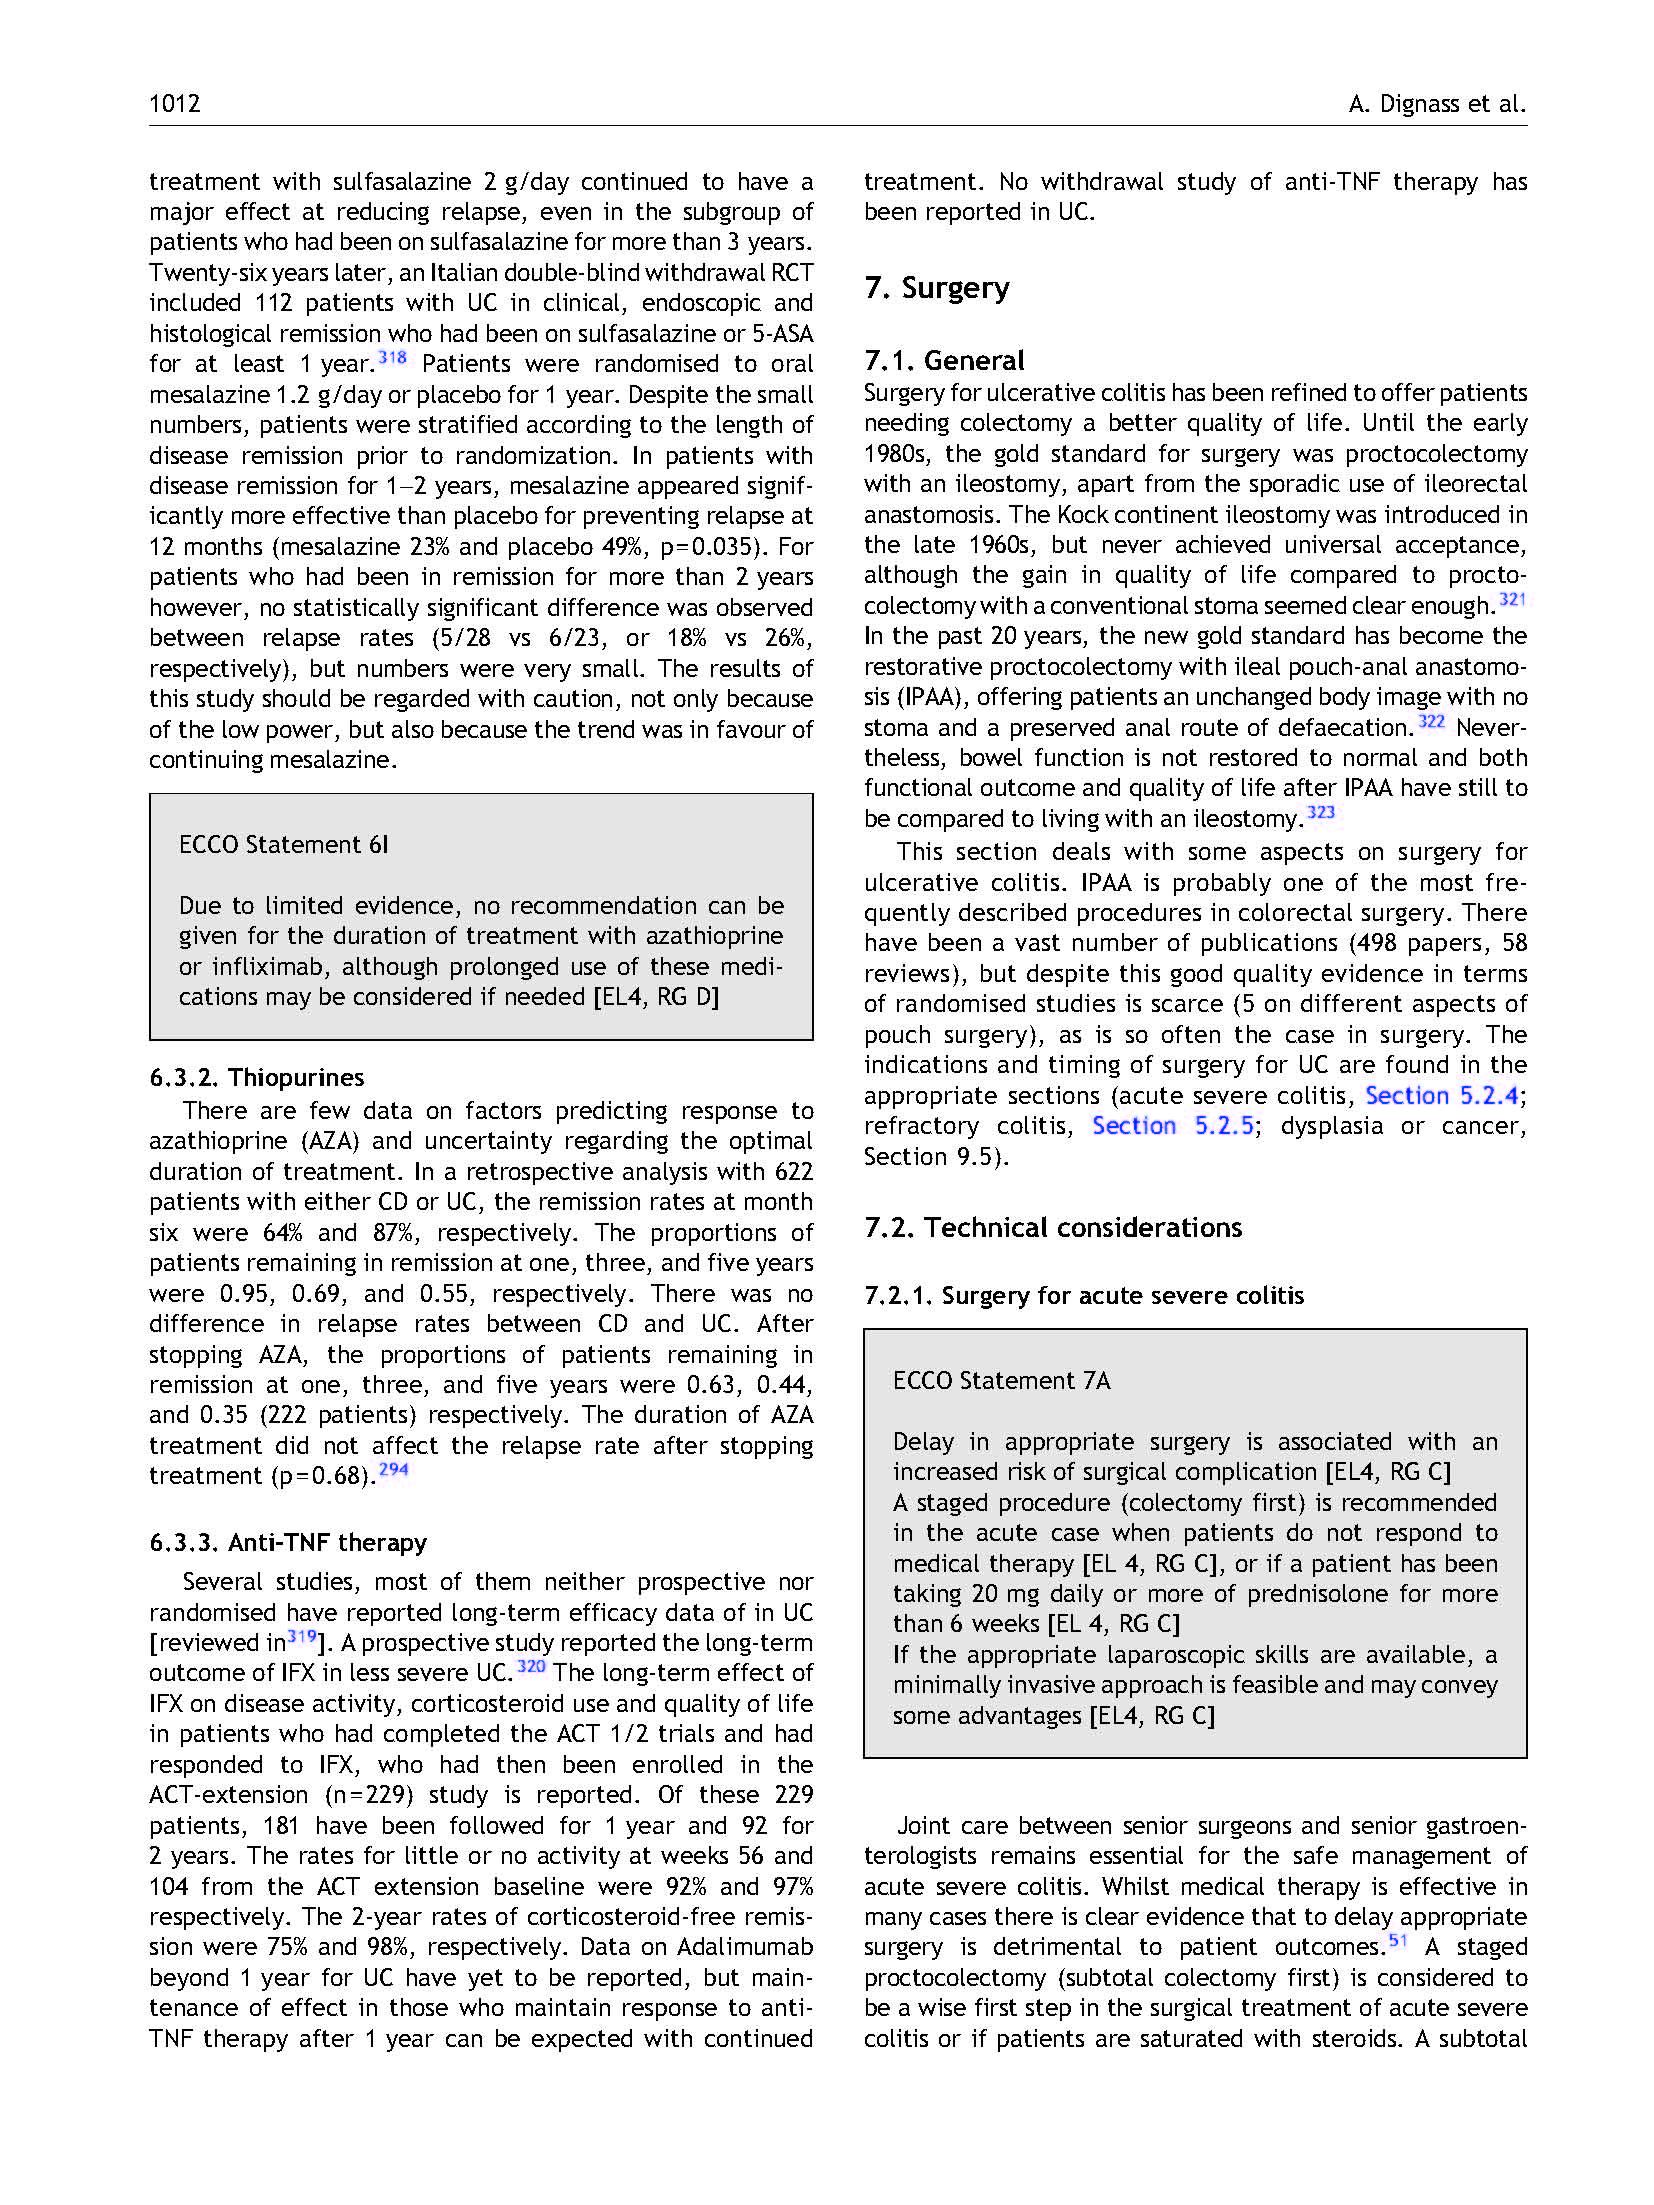 2012-ECCO第二版-欧洲询证共识:溃疡性结肠炎的诊断和处理—日常处理_页面_22.jpg